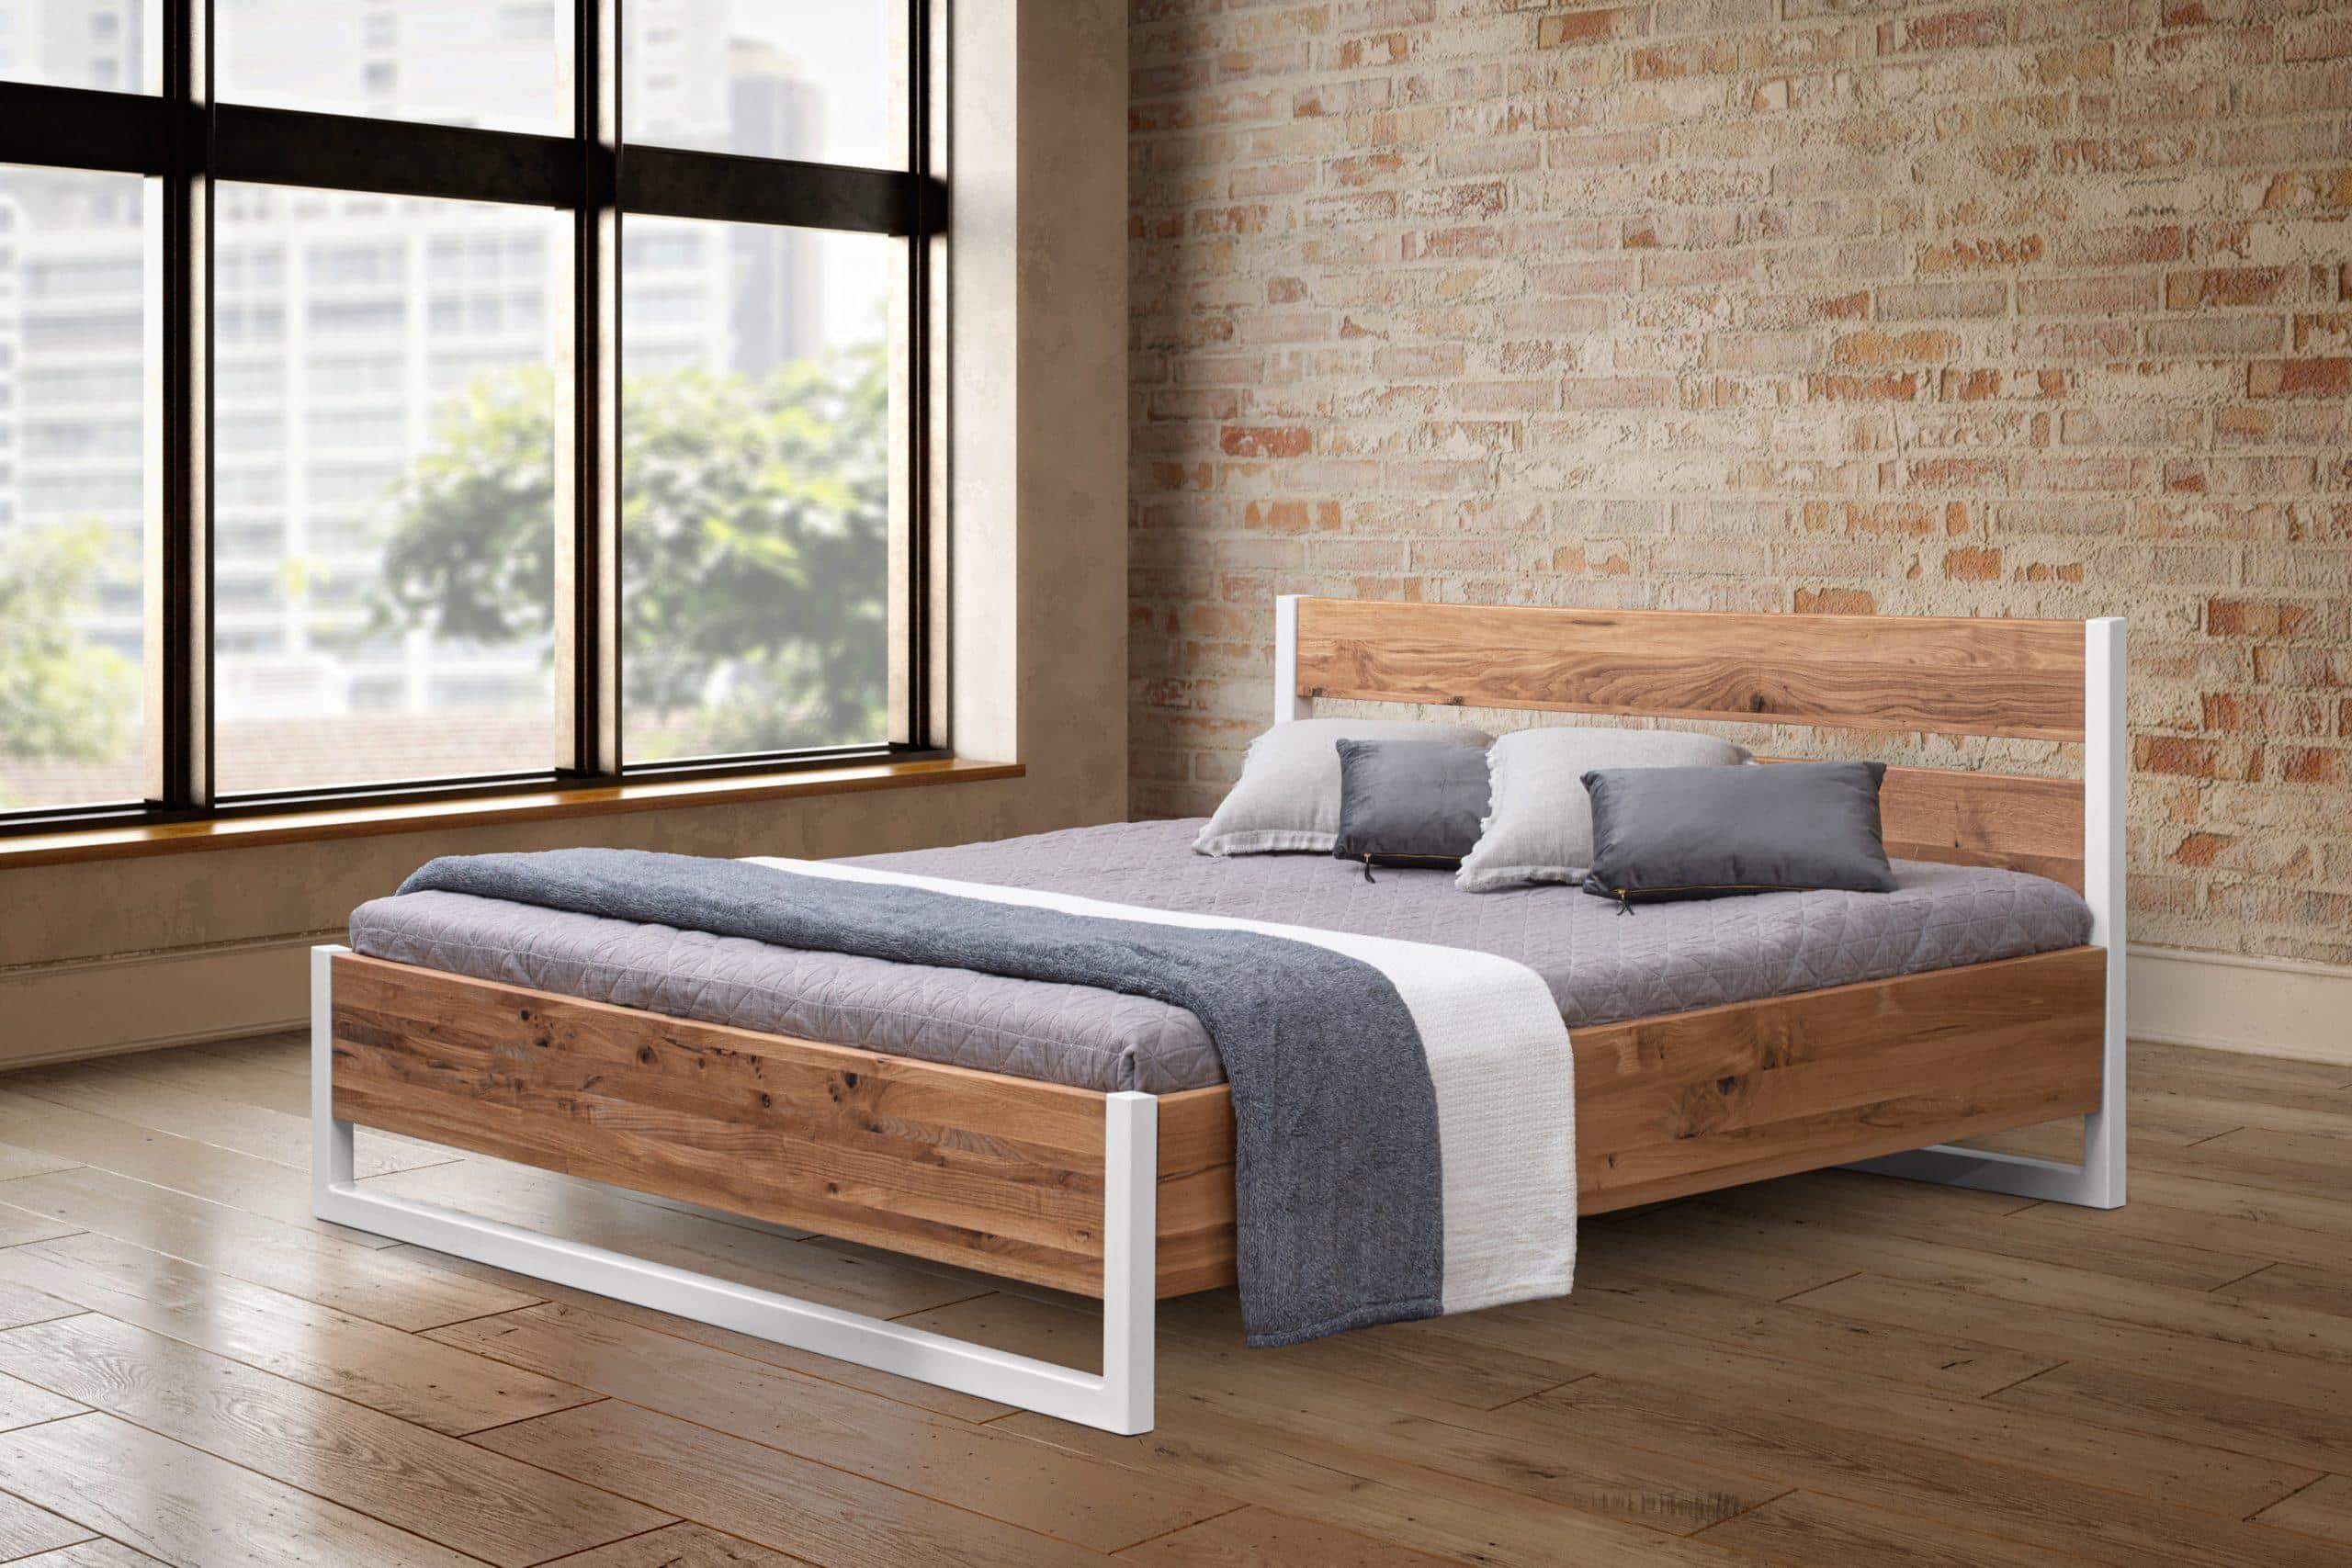 Dubová masívna posteľ Pavla, vrátane roštu a úložného priestoru